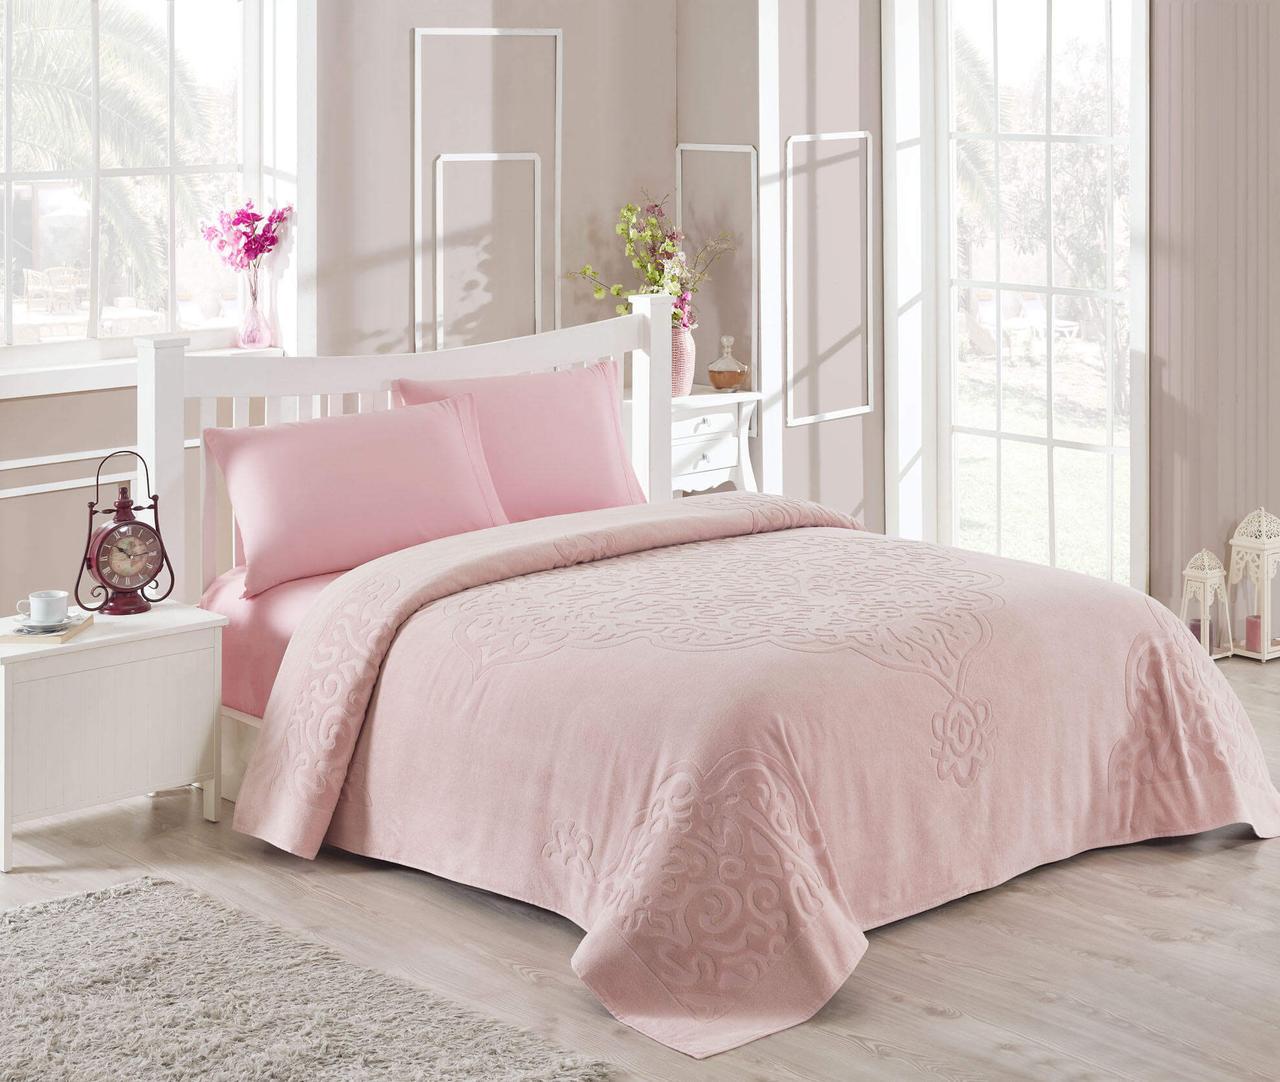 Махровое покрывало/простынь TAC Dama Pink 200×220 см